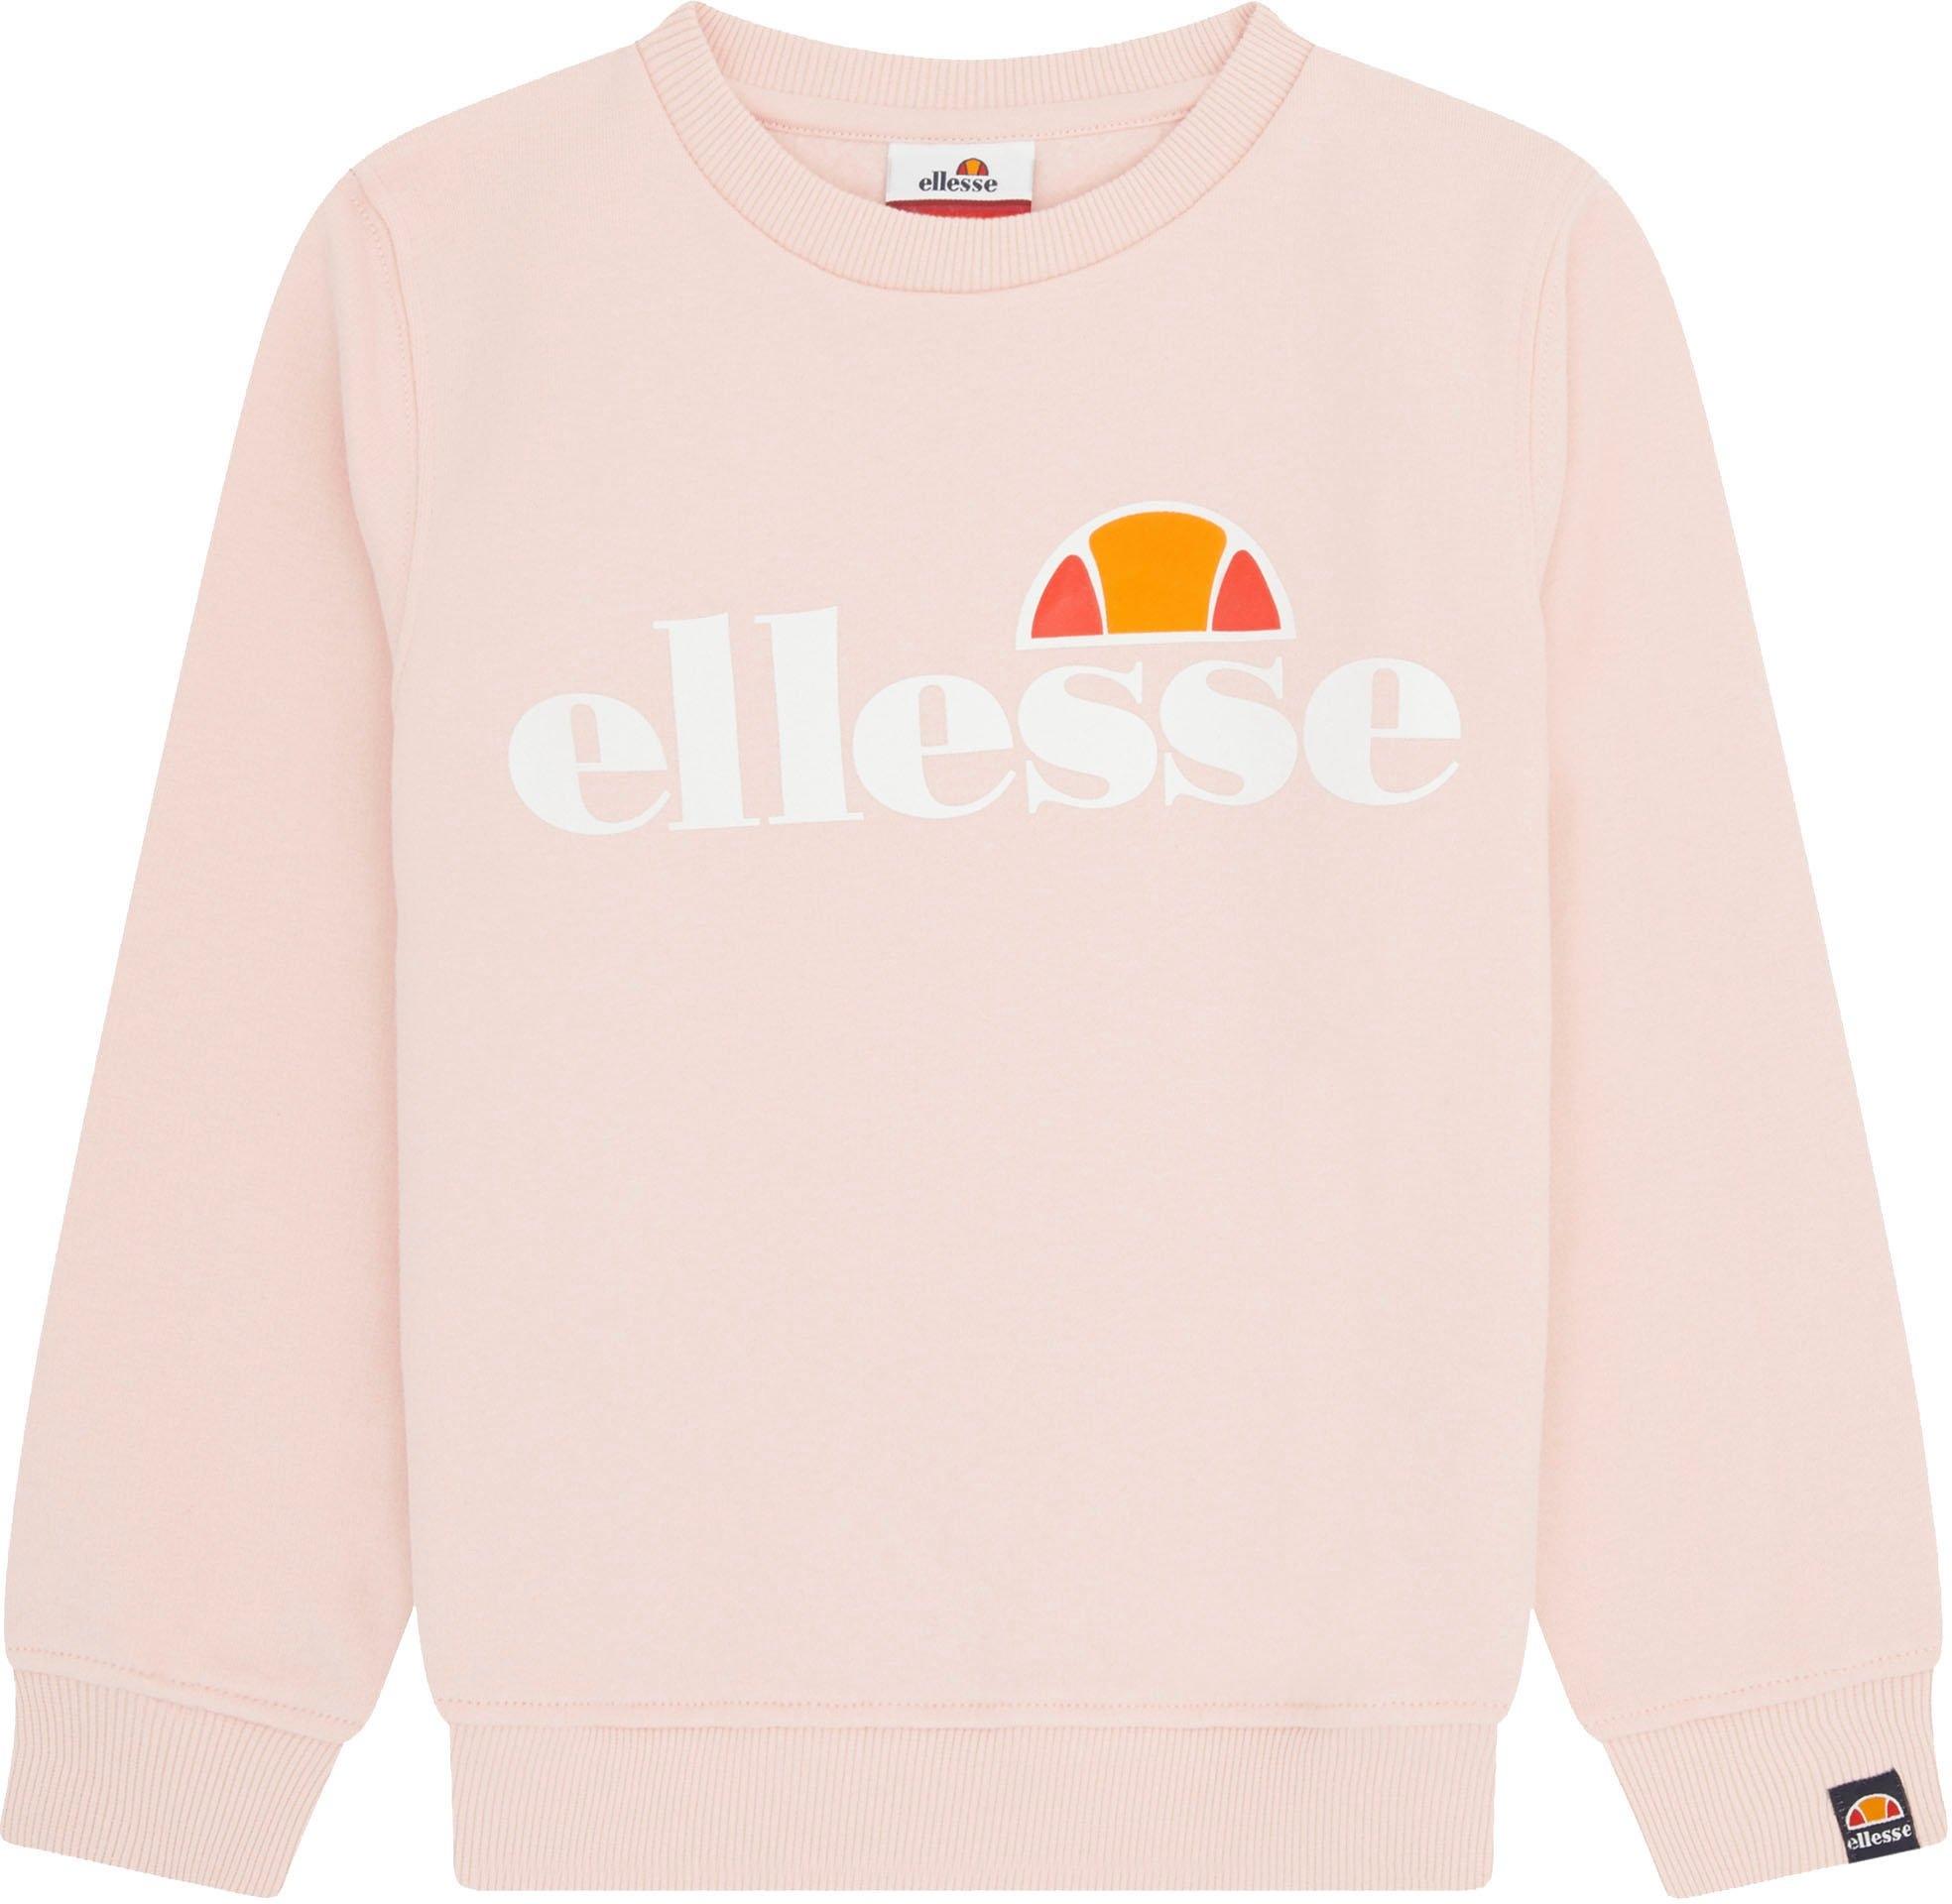 ellesse sweatshirt »SIOBHEN SWEATSHIRT JUNIOR« voordelig en veilig online kopen